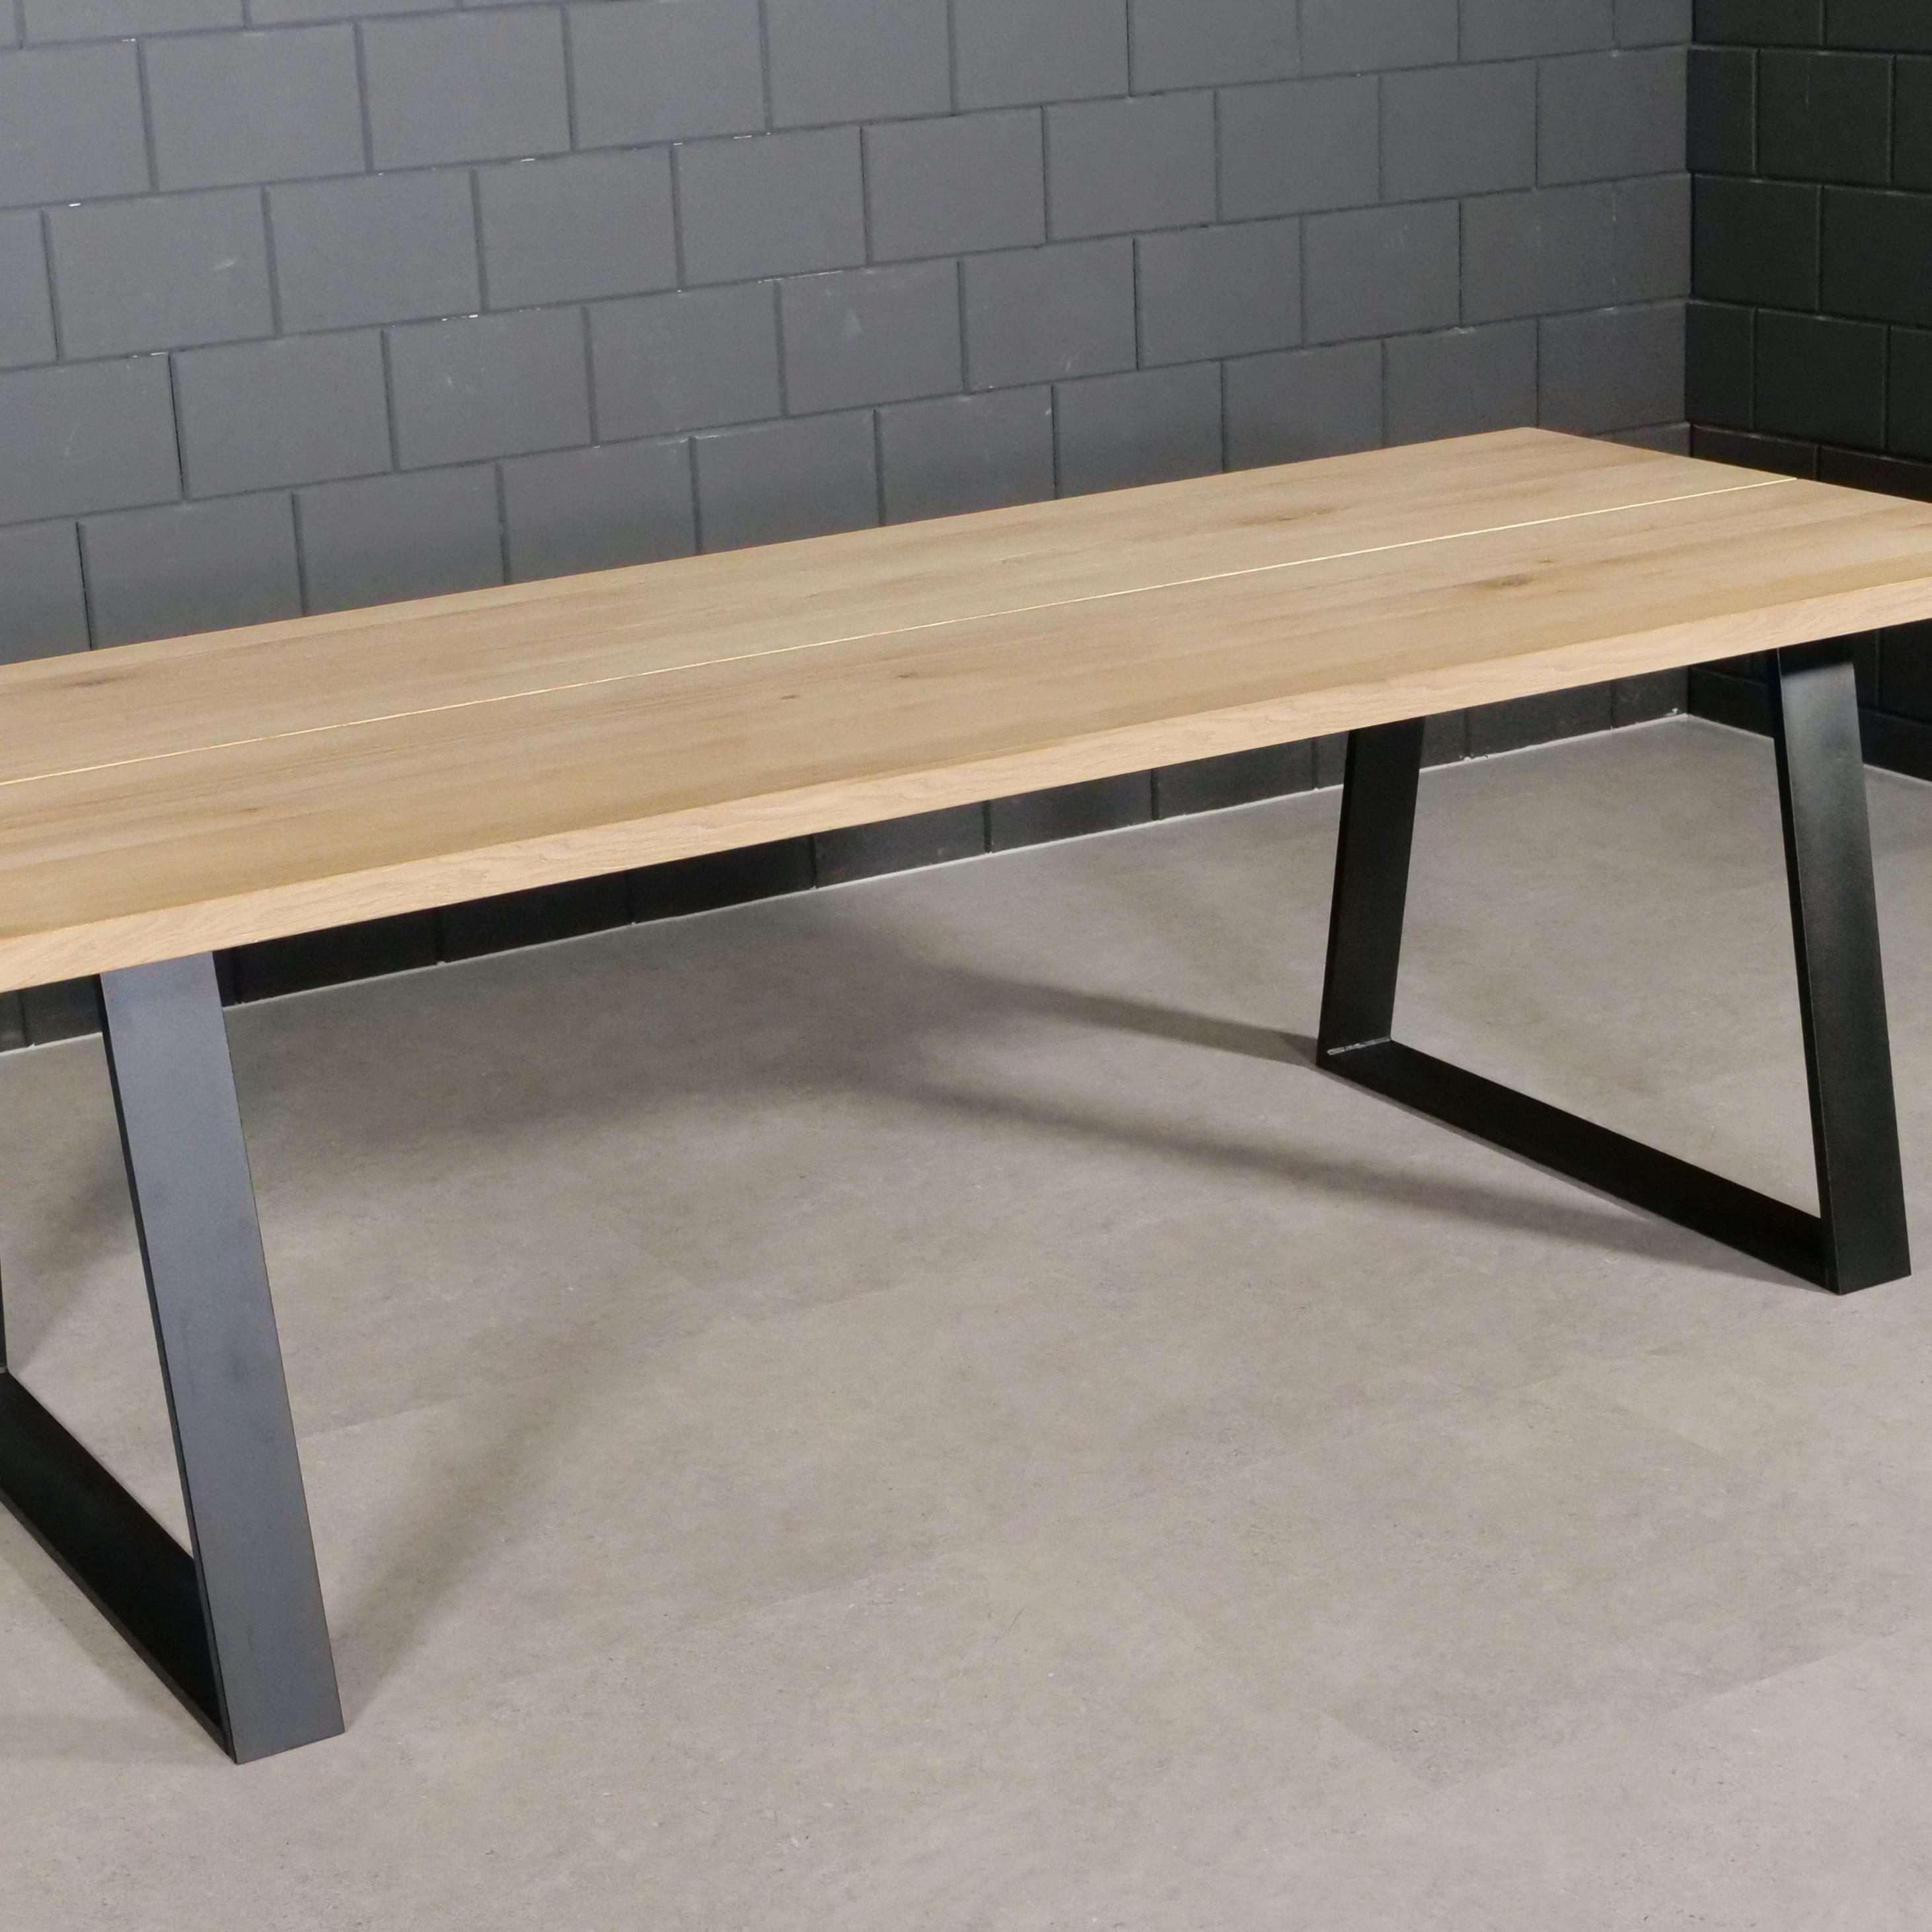 Stalen Trapeze tafelpoten SLANK (SET) 2x10x0,3cm - 78-95 cm breed - 72 cm hoog - Trapezium poot GEPOEDERCOAT zwart